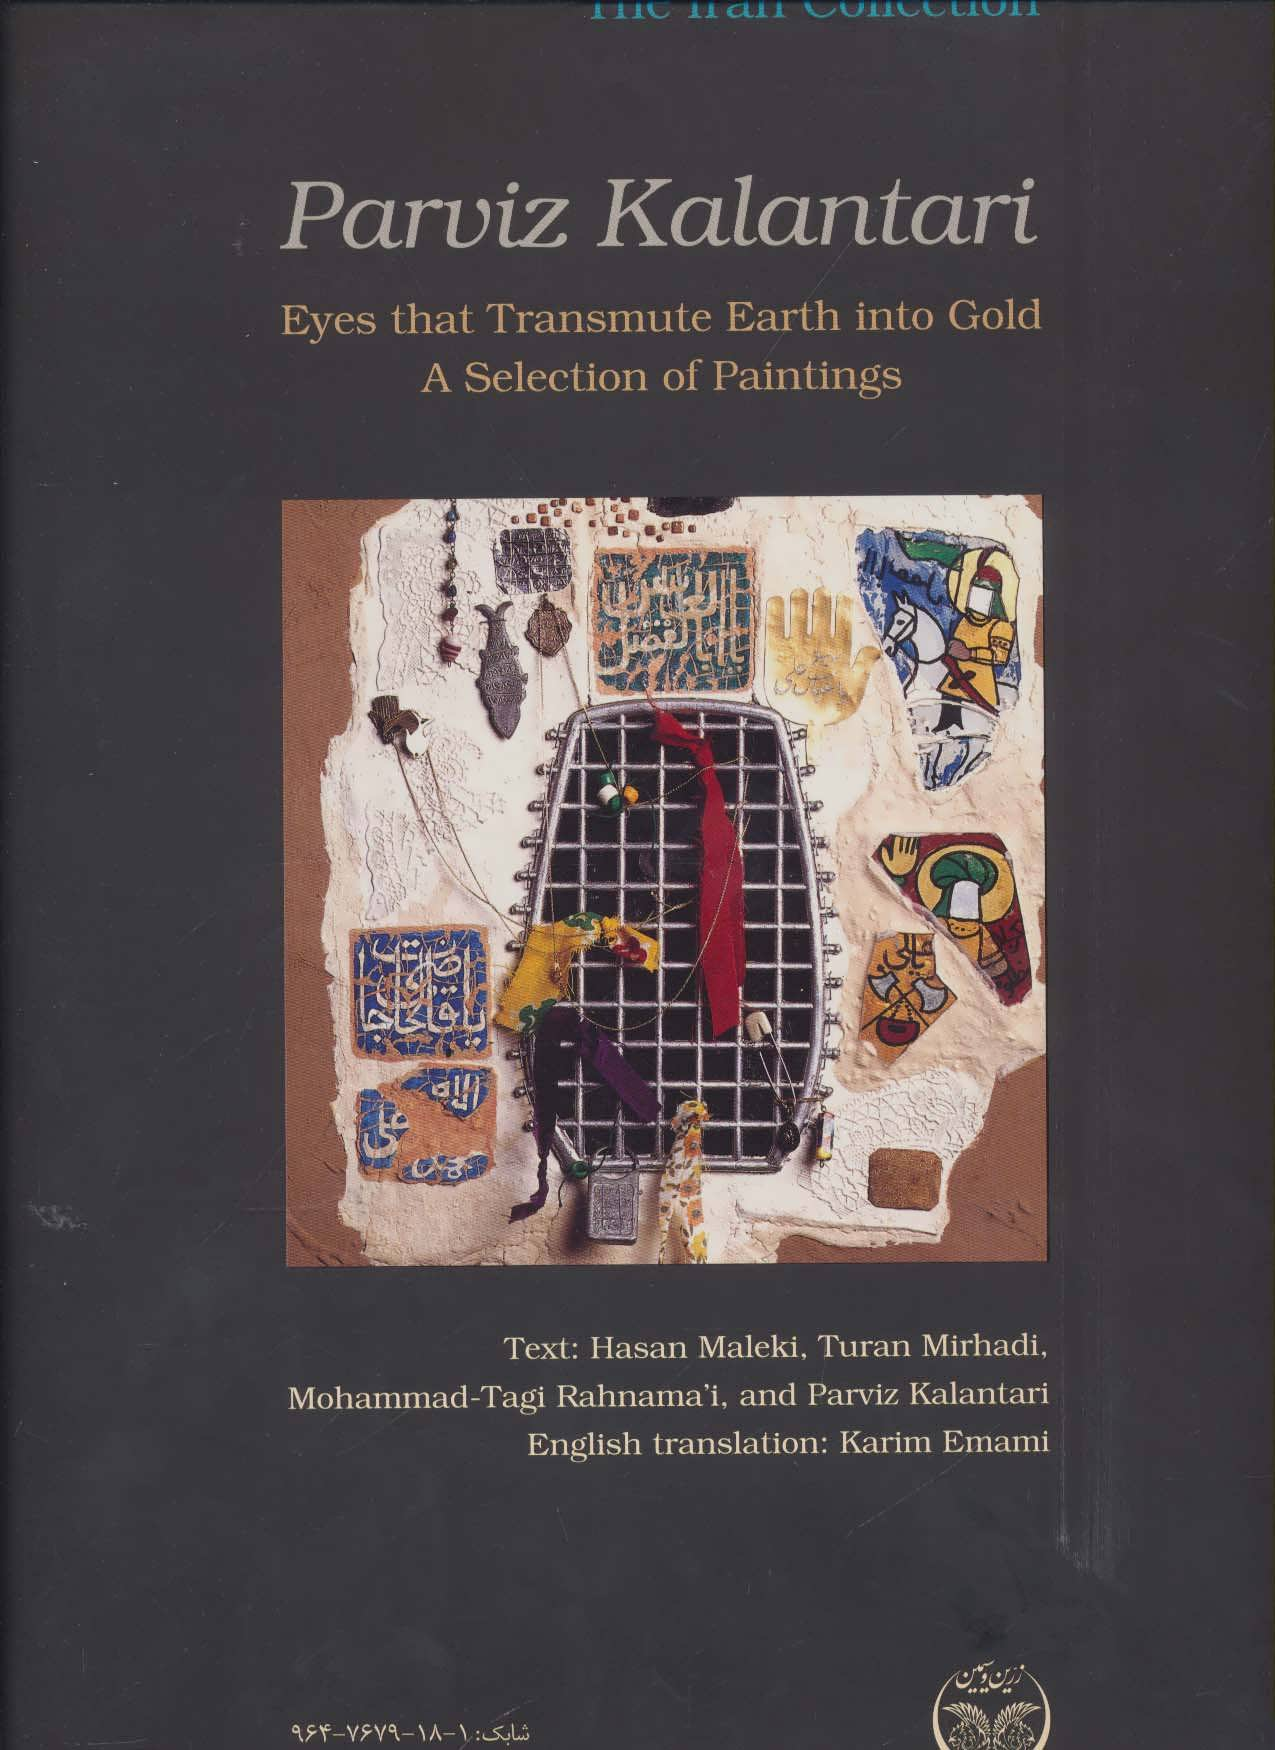 خاک را به نظر کیمیا کند:نقاشیهای پرویز کلانتری (ایران ما 4)،(2زبانه،گلاسه)